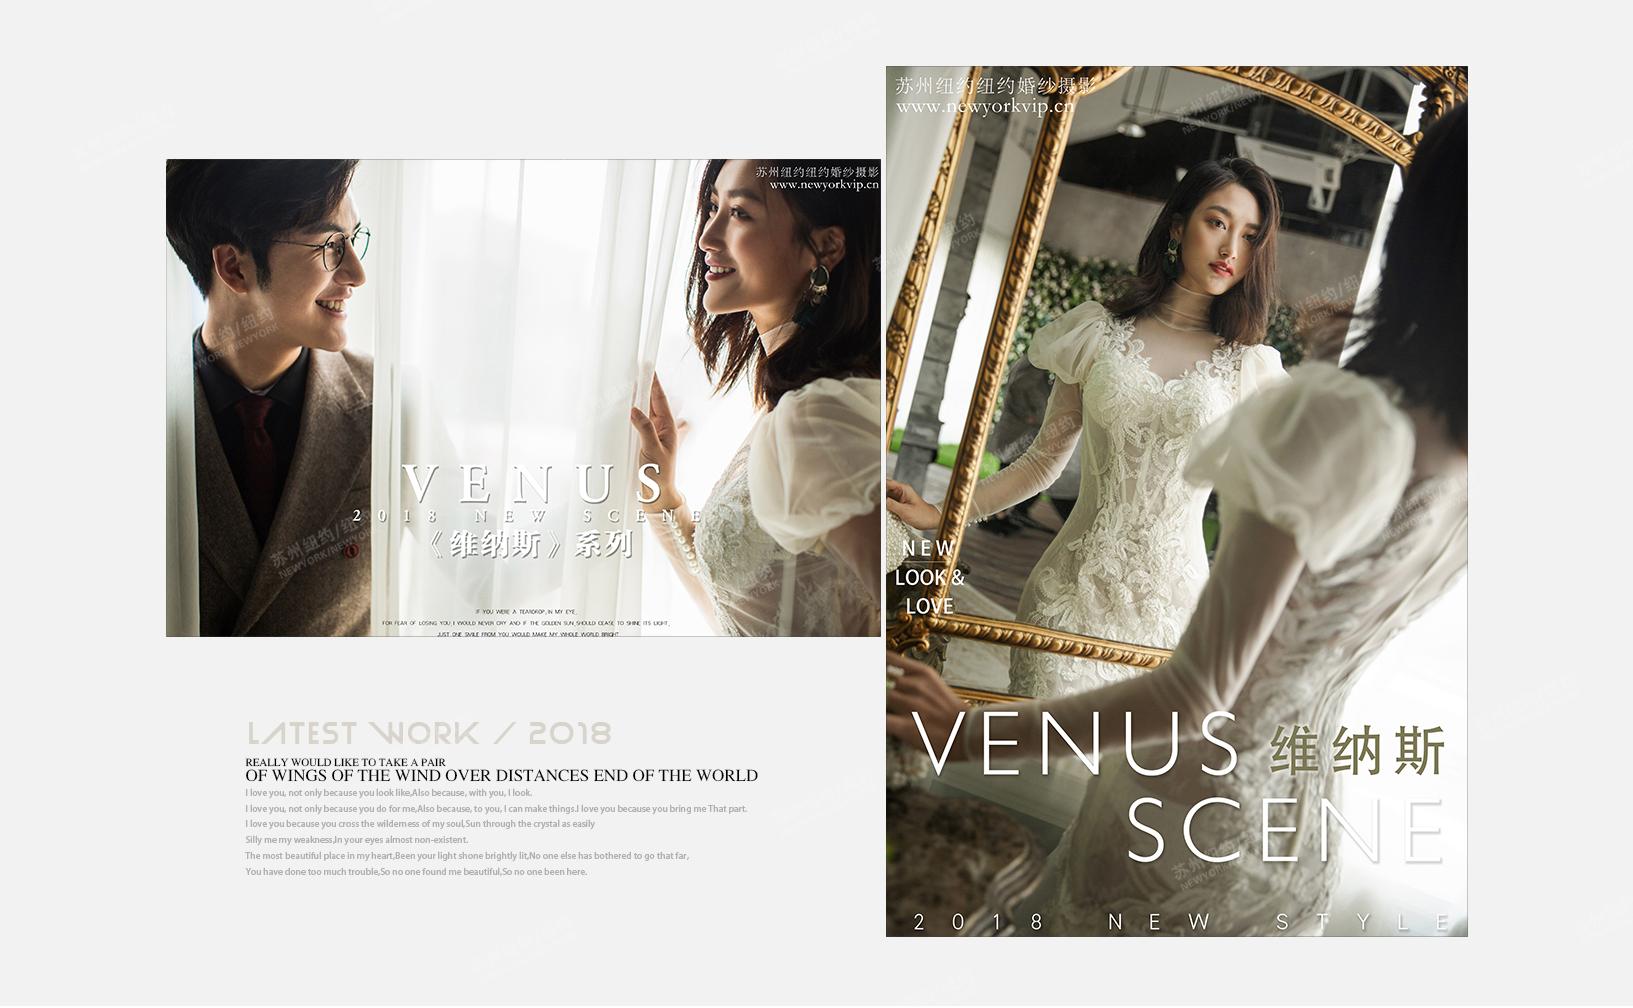 维纳斯婚纱摄影照